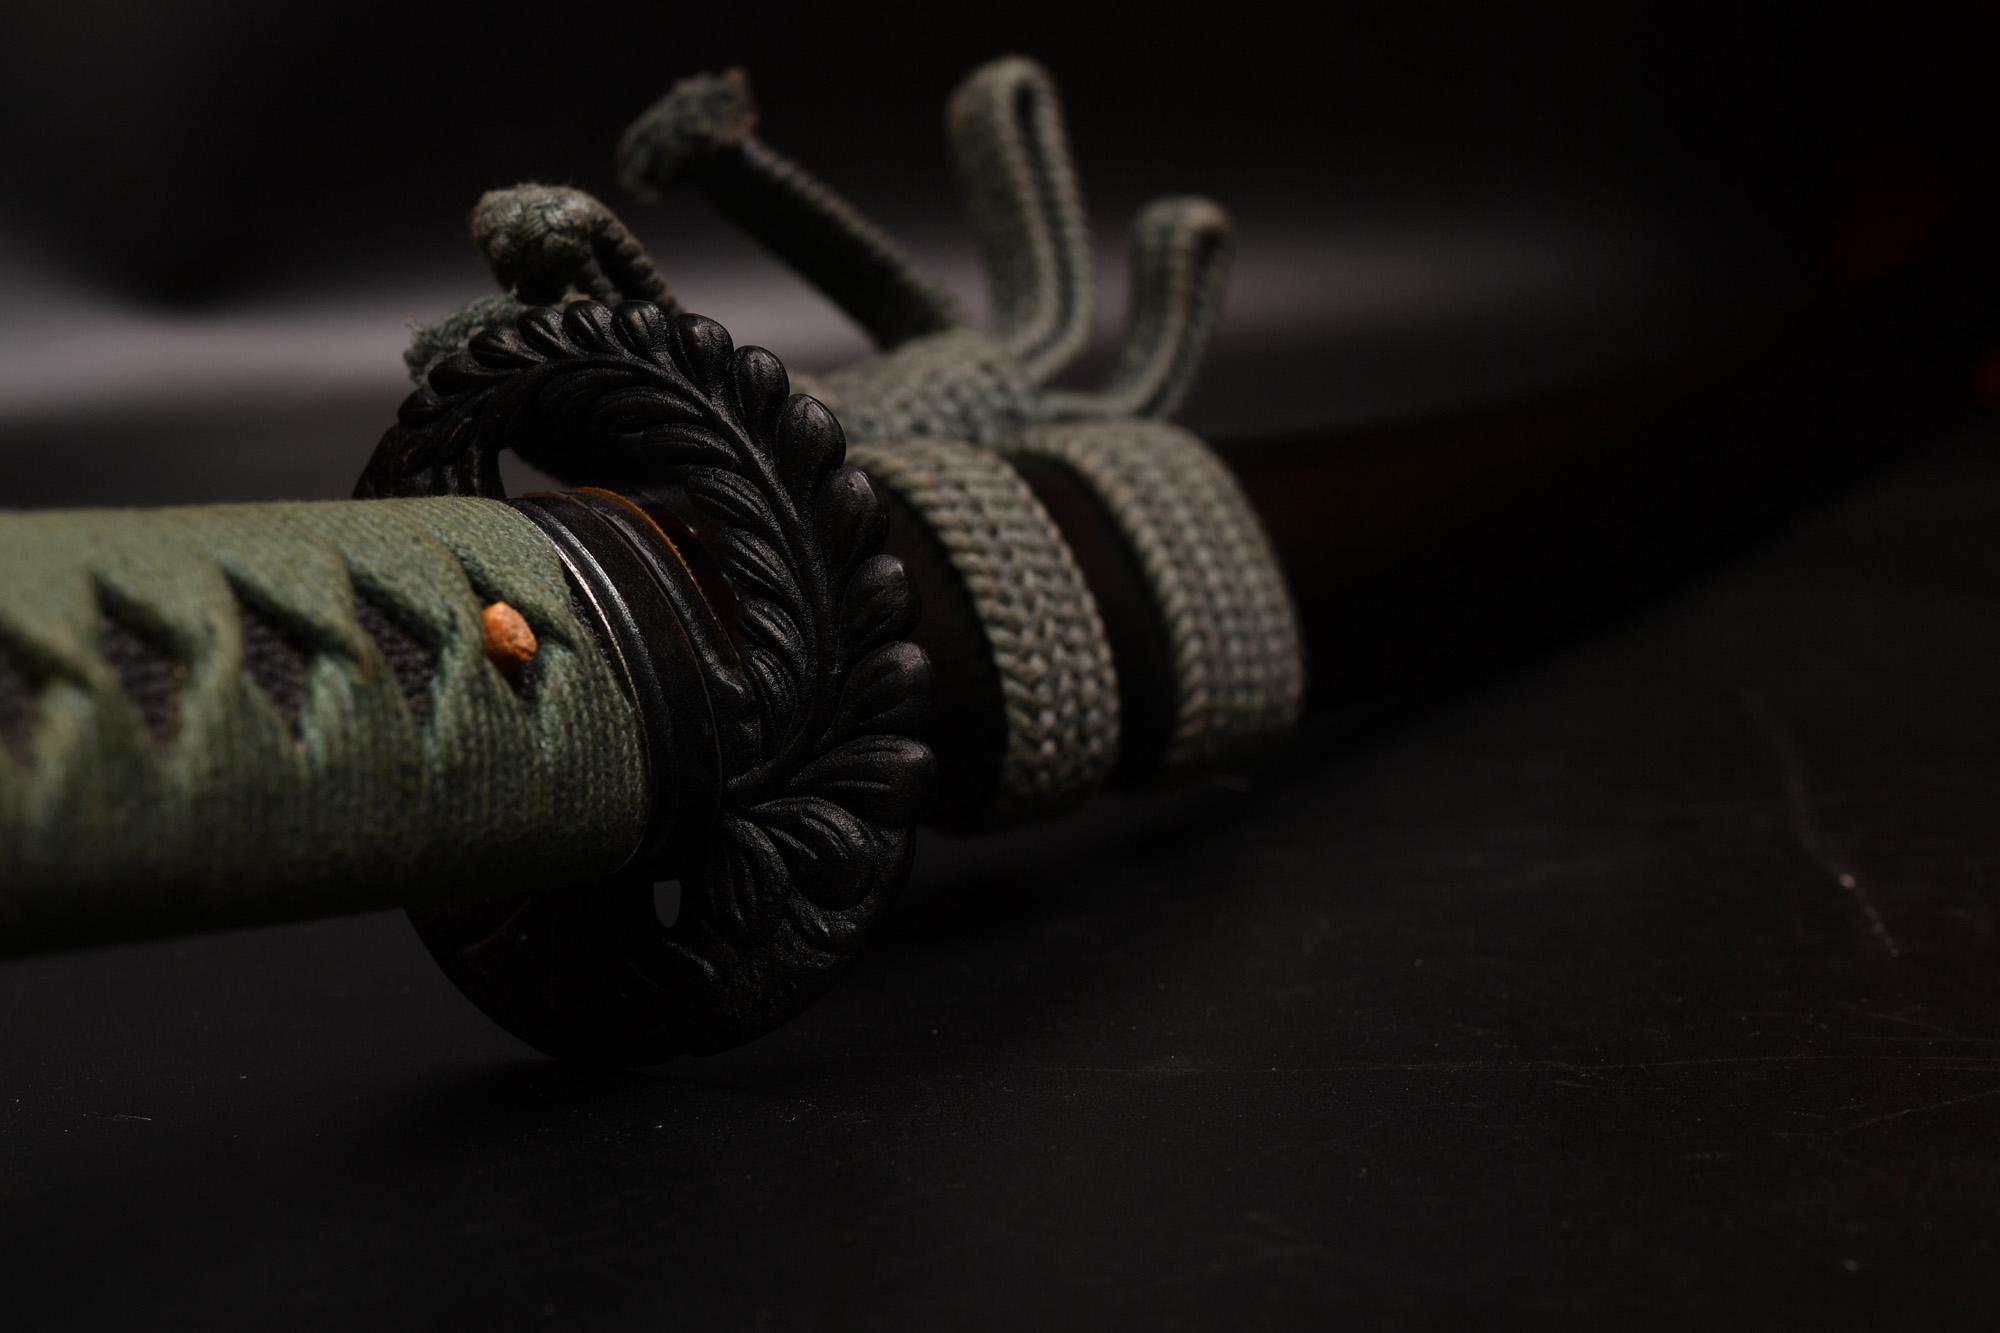 しのびや 高級居合刀 居合練習刀DX 砂型合金 鍔の交換